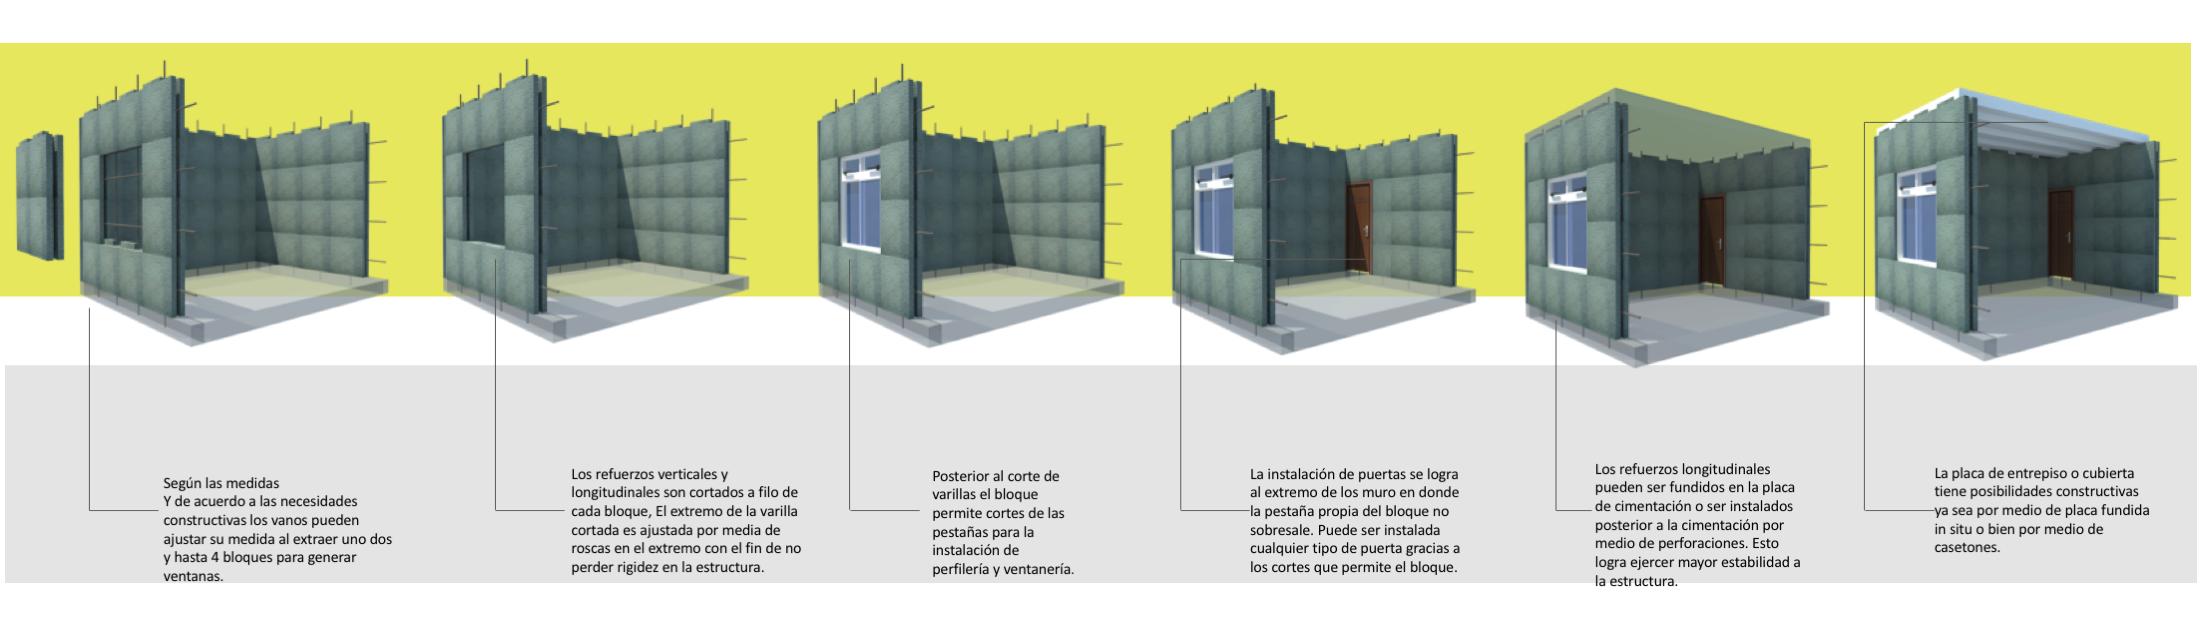 Soluciones low cost para problemas de ciudades y ciudadanos propone universidad colombiana